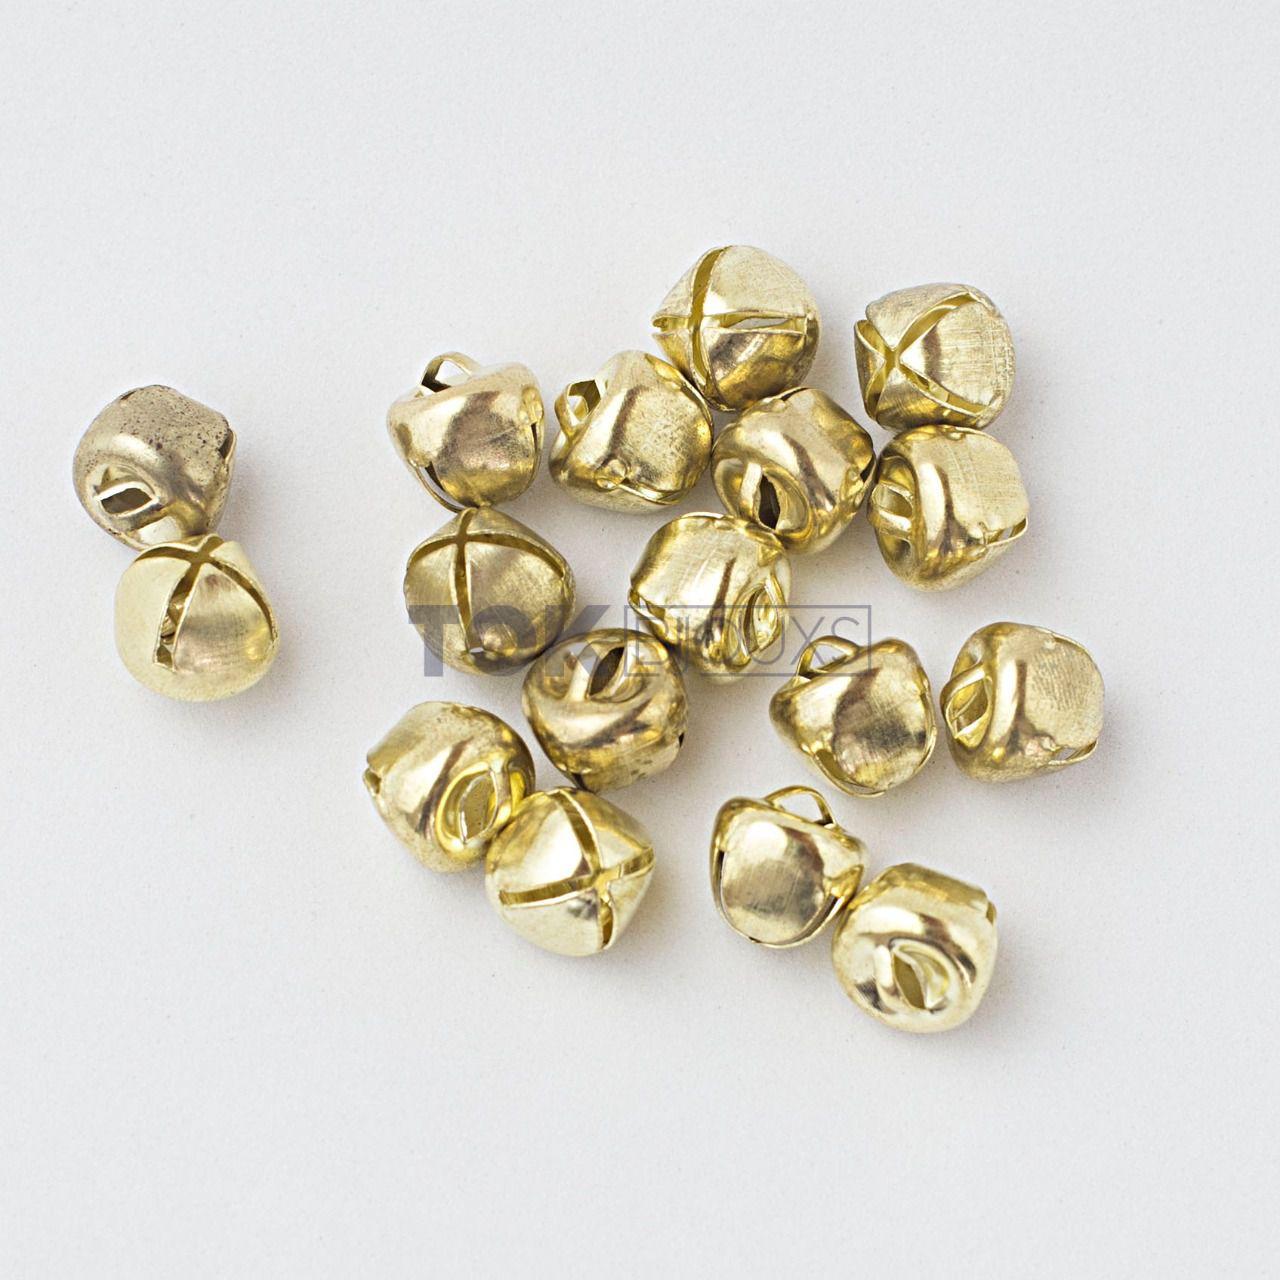 Guizo - Dourado - 20mm - 500un